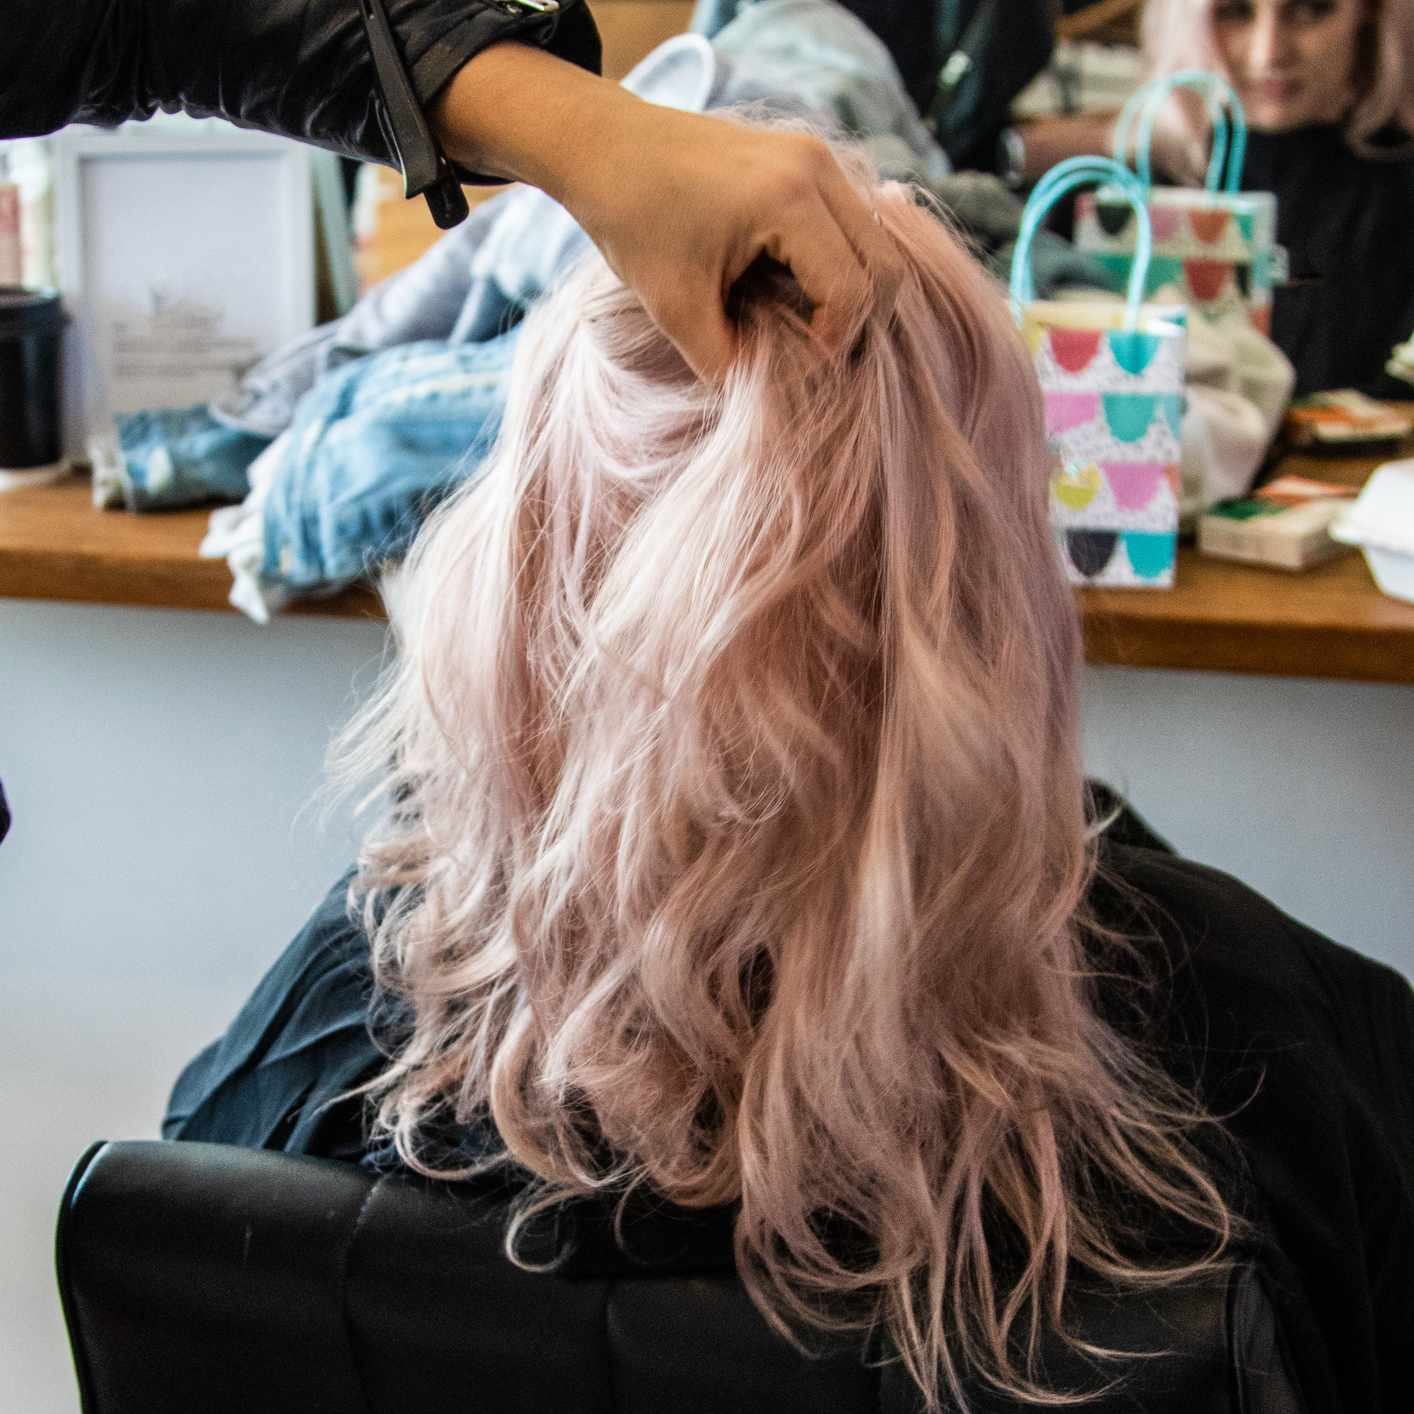 Woman sitting in chair at hair salon